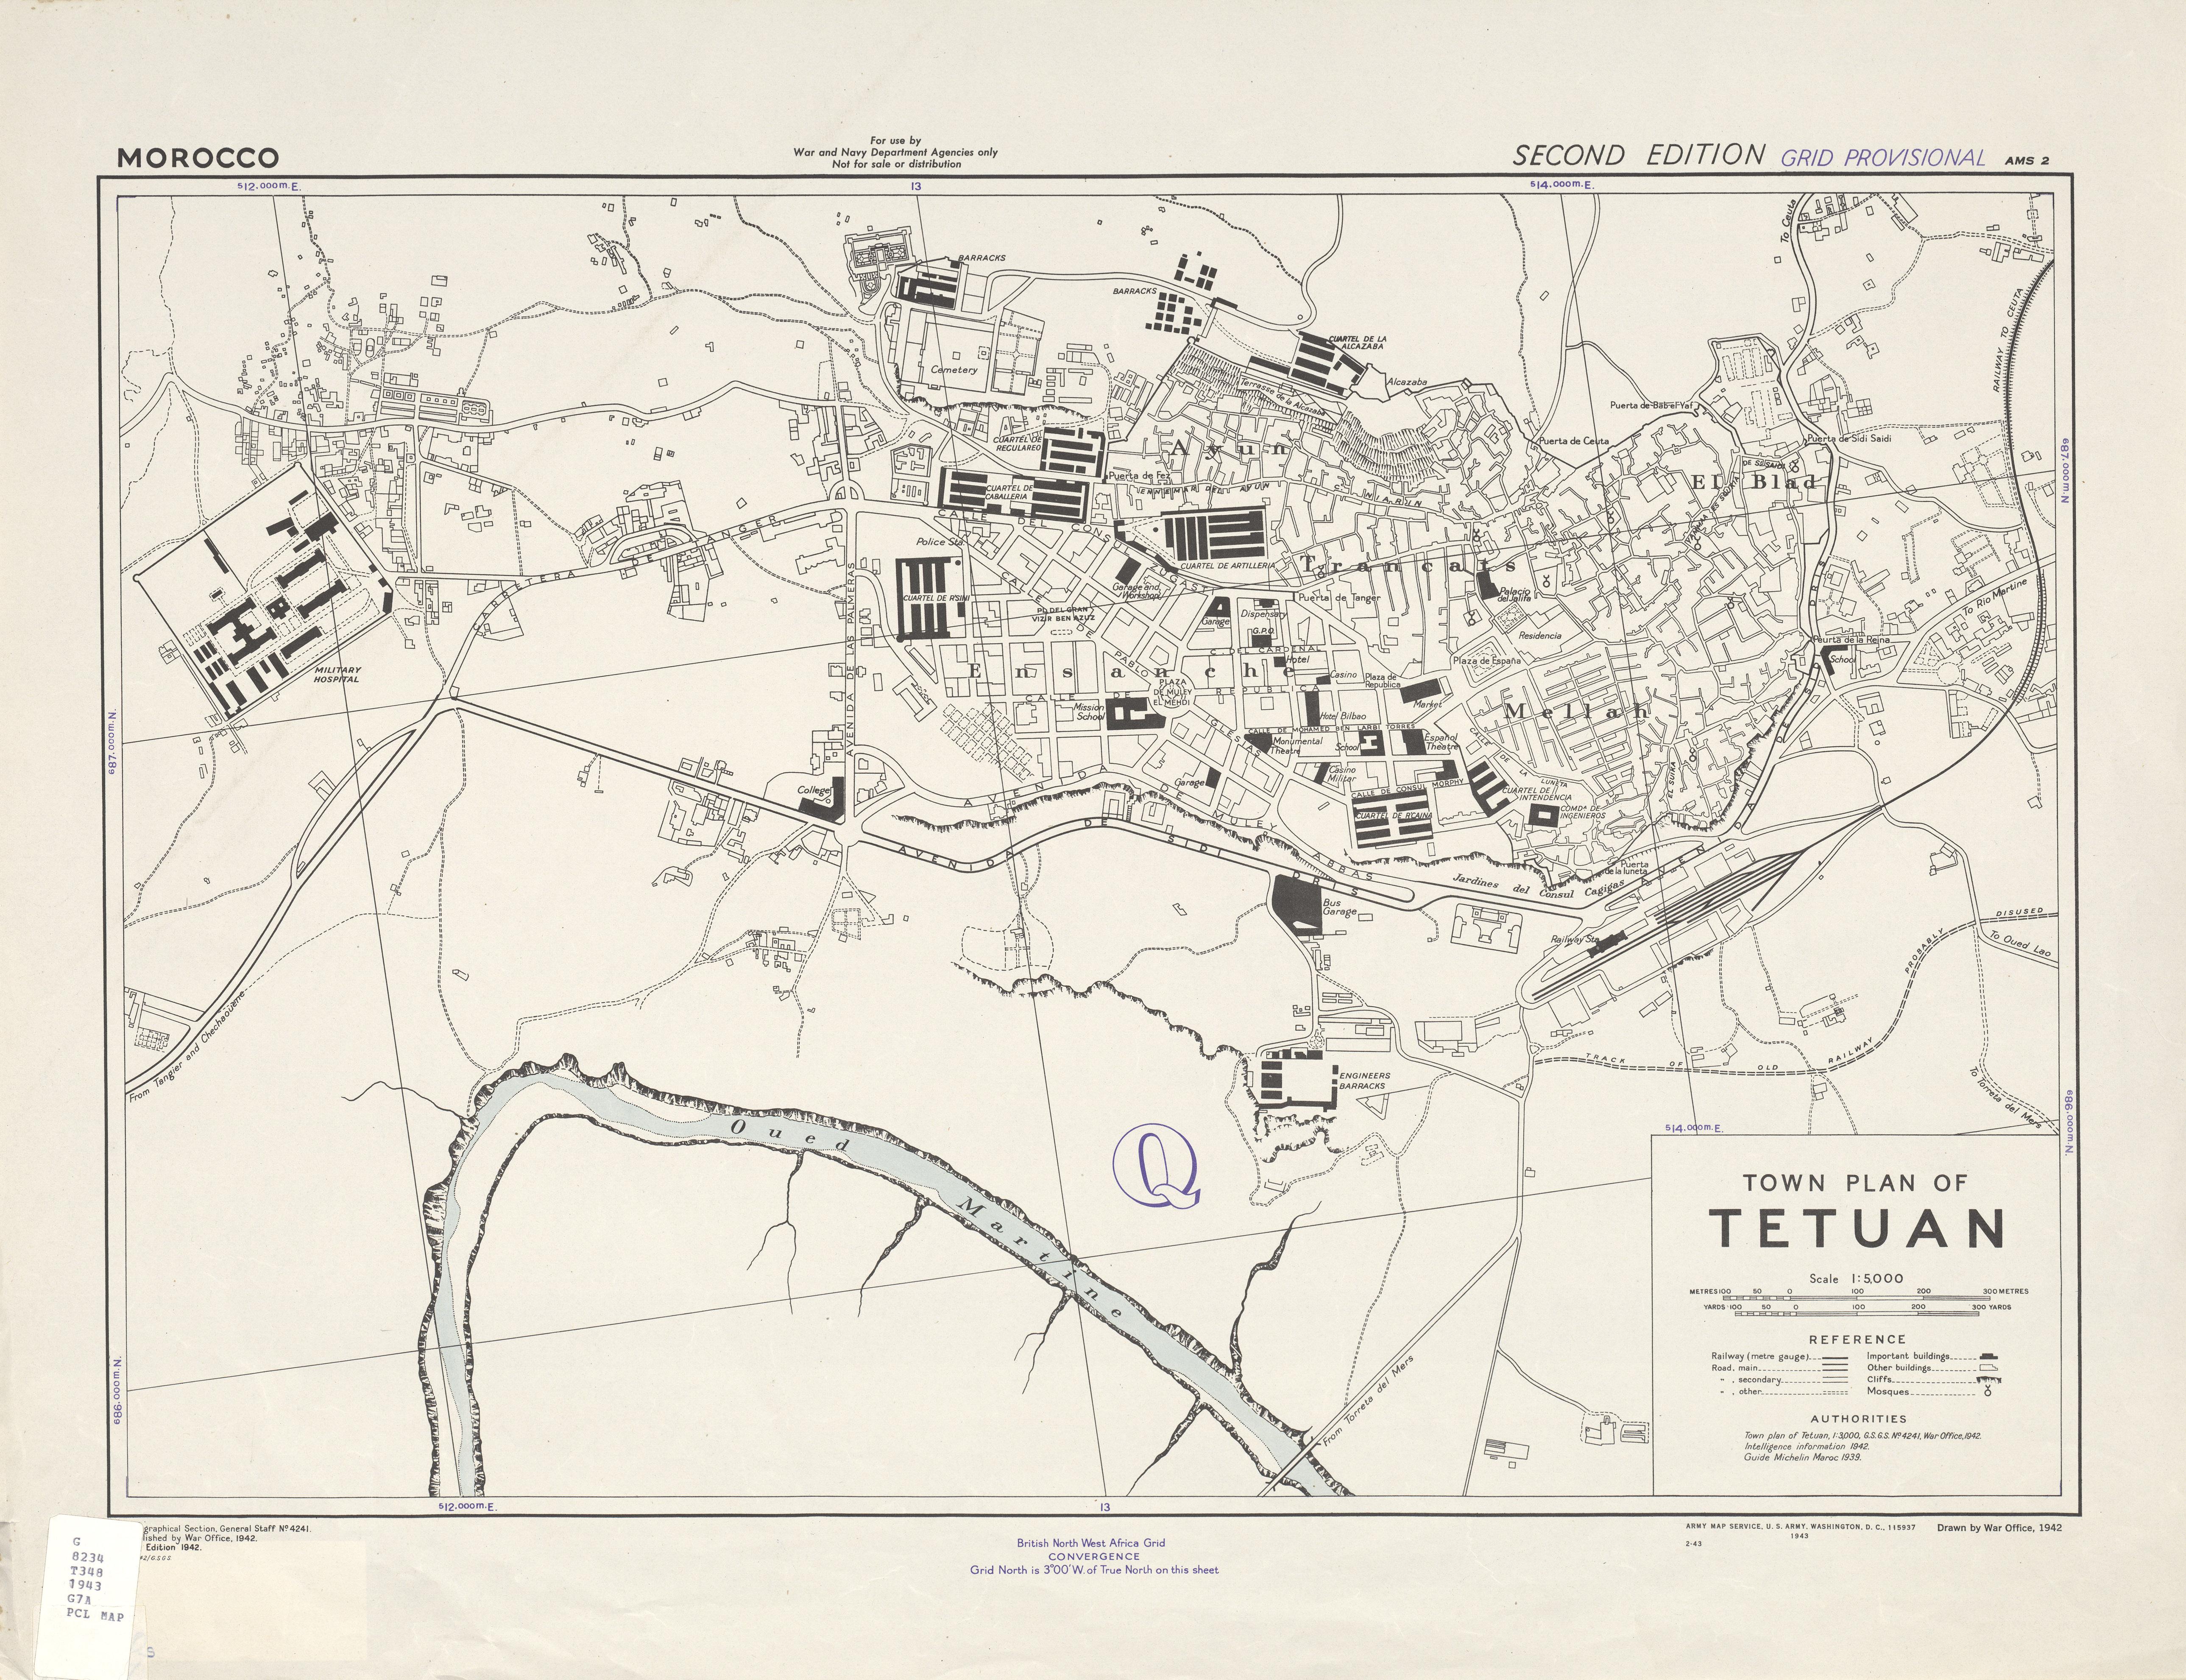 Mapa de la Ciudad de Tetuán, Marruecos 1943